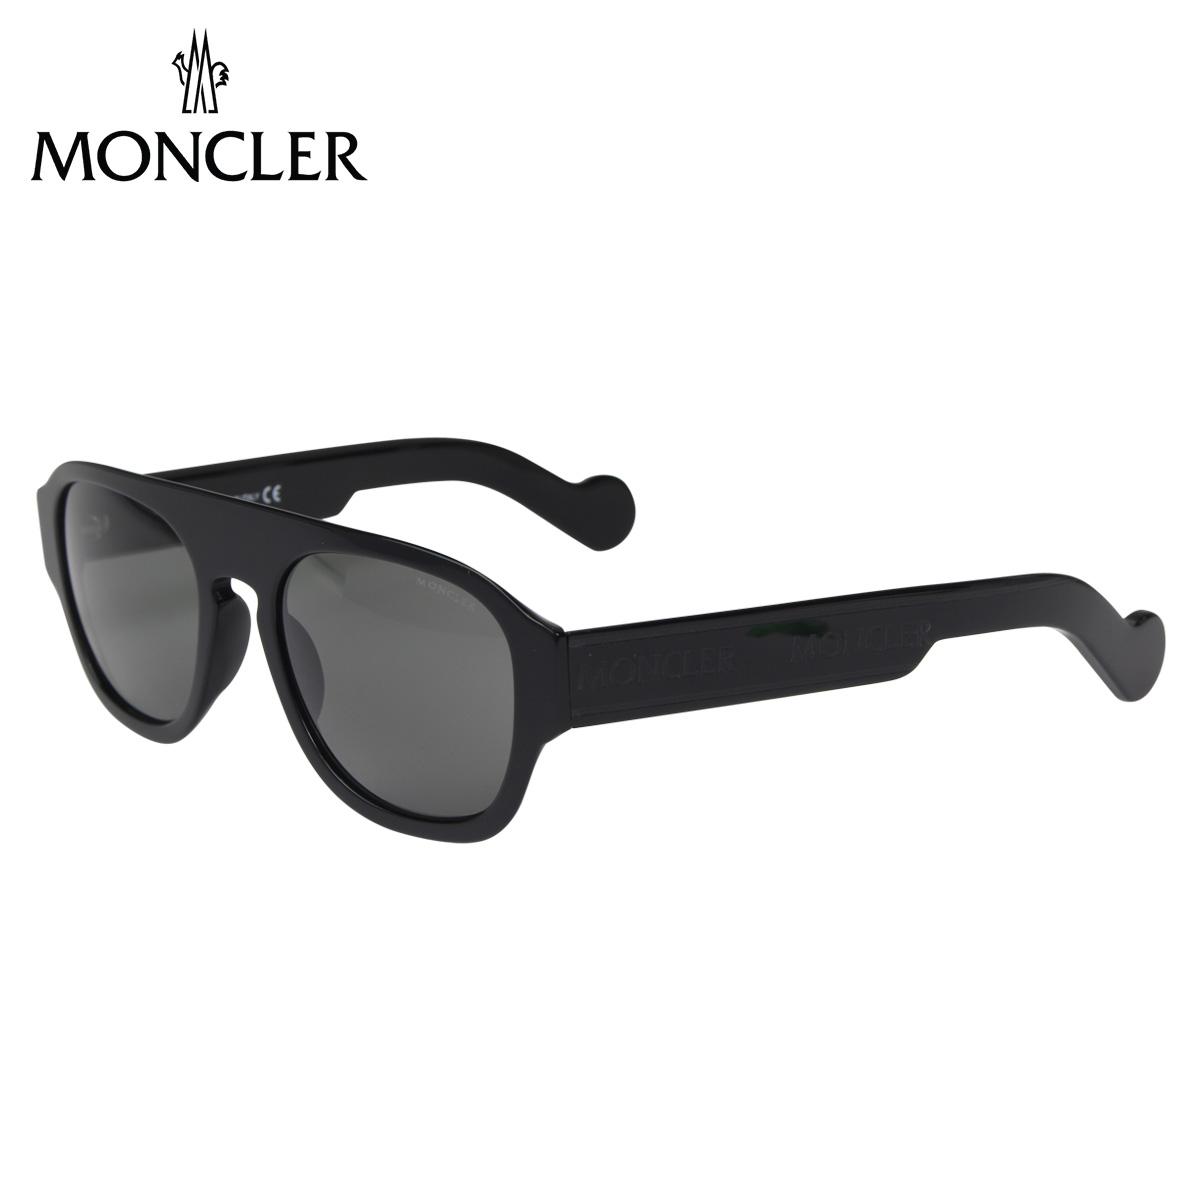 MONCLER SUNGLASSES モンクレール サングラス メンズ レディース UVカット ウェリントン ブラック 黒 ML0096